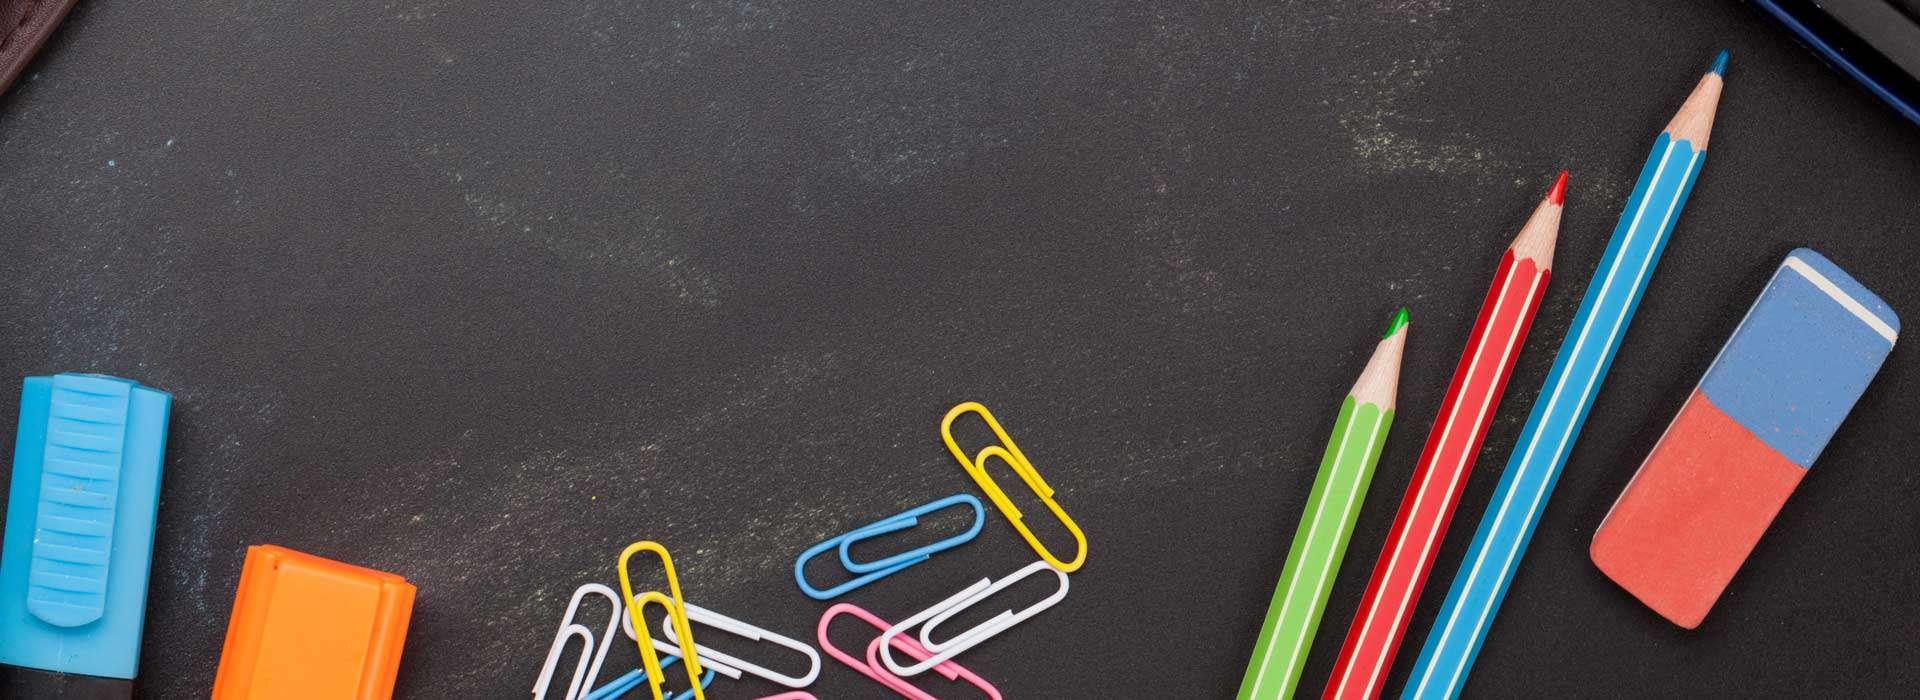 Oposiciones de Educación Primaria | Cursos.com